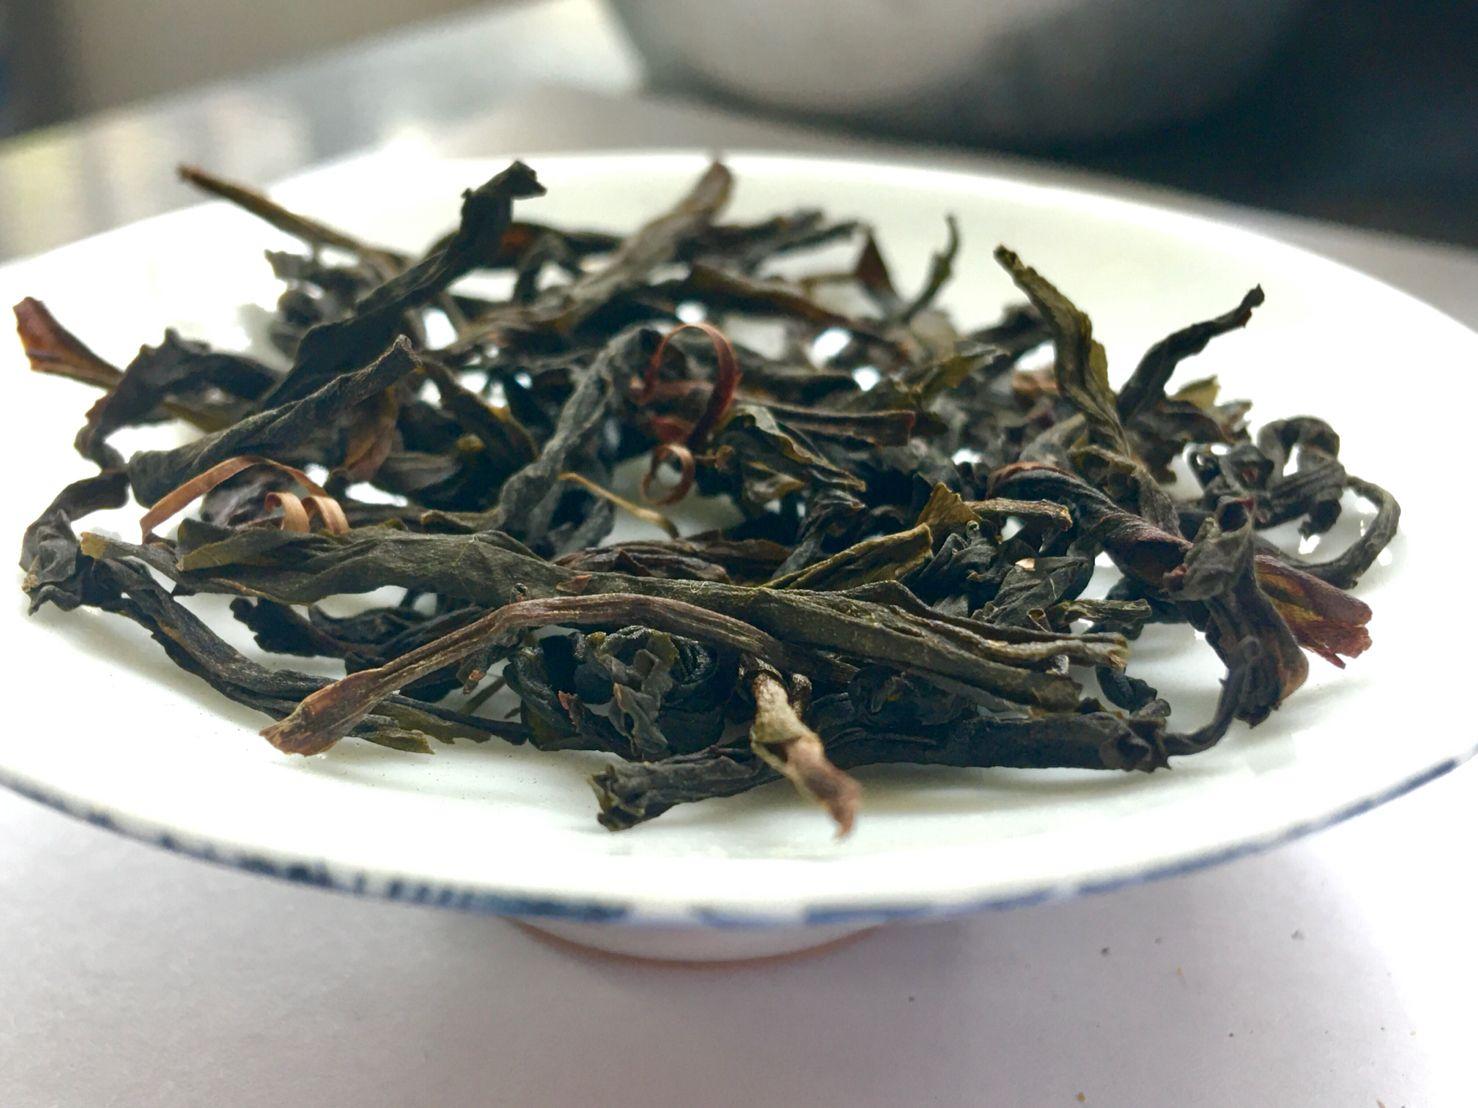 Yǒu Jī Leí Kòu Chái (Lán Huā Xiāng) Fèng Huáng Dān Cóng Chá, 有机雷扣柴(兰花香)凤凰单丛茶, Organic Lei Kou Chai (Orchid Fragrance) Feng Huang Dancong Tea